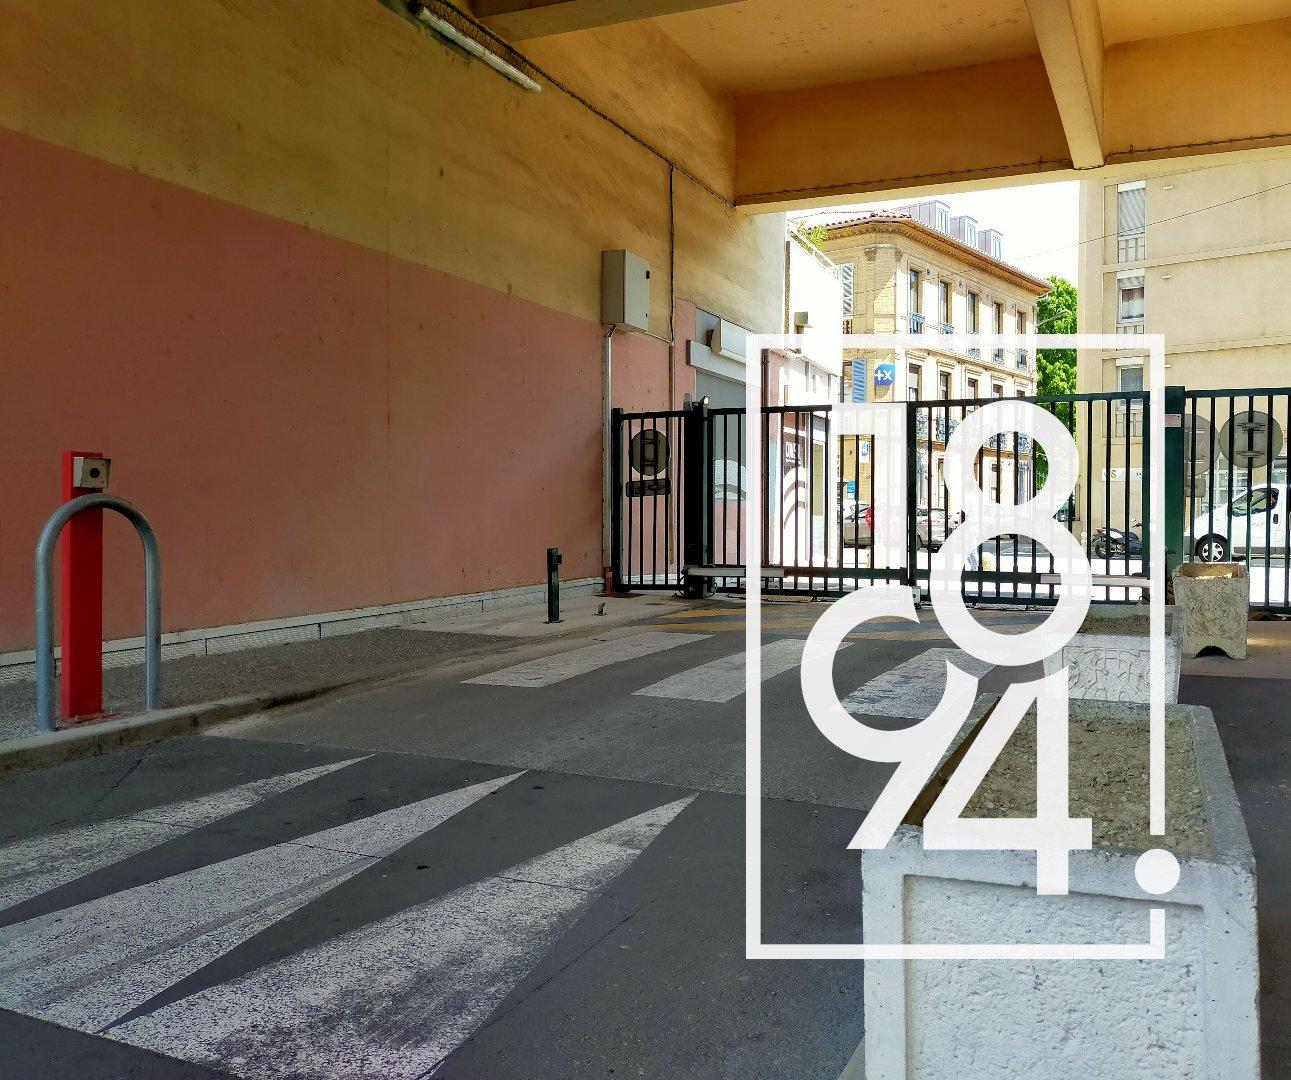 EXCLUSIVITE!!! Garage / Box, Résidence sécurisée, Local de stockage / Citadines , 31500 Toulouse, Bonnefoy